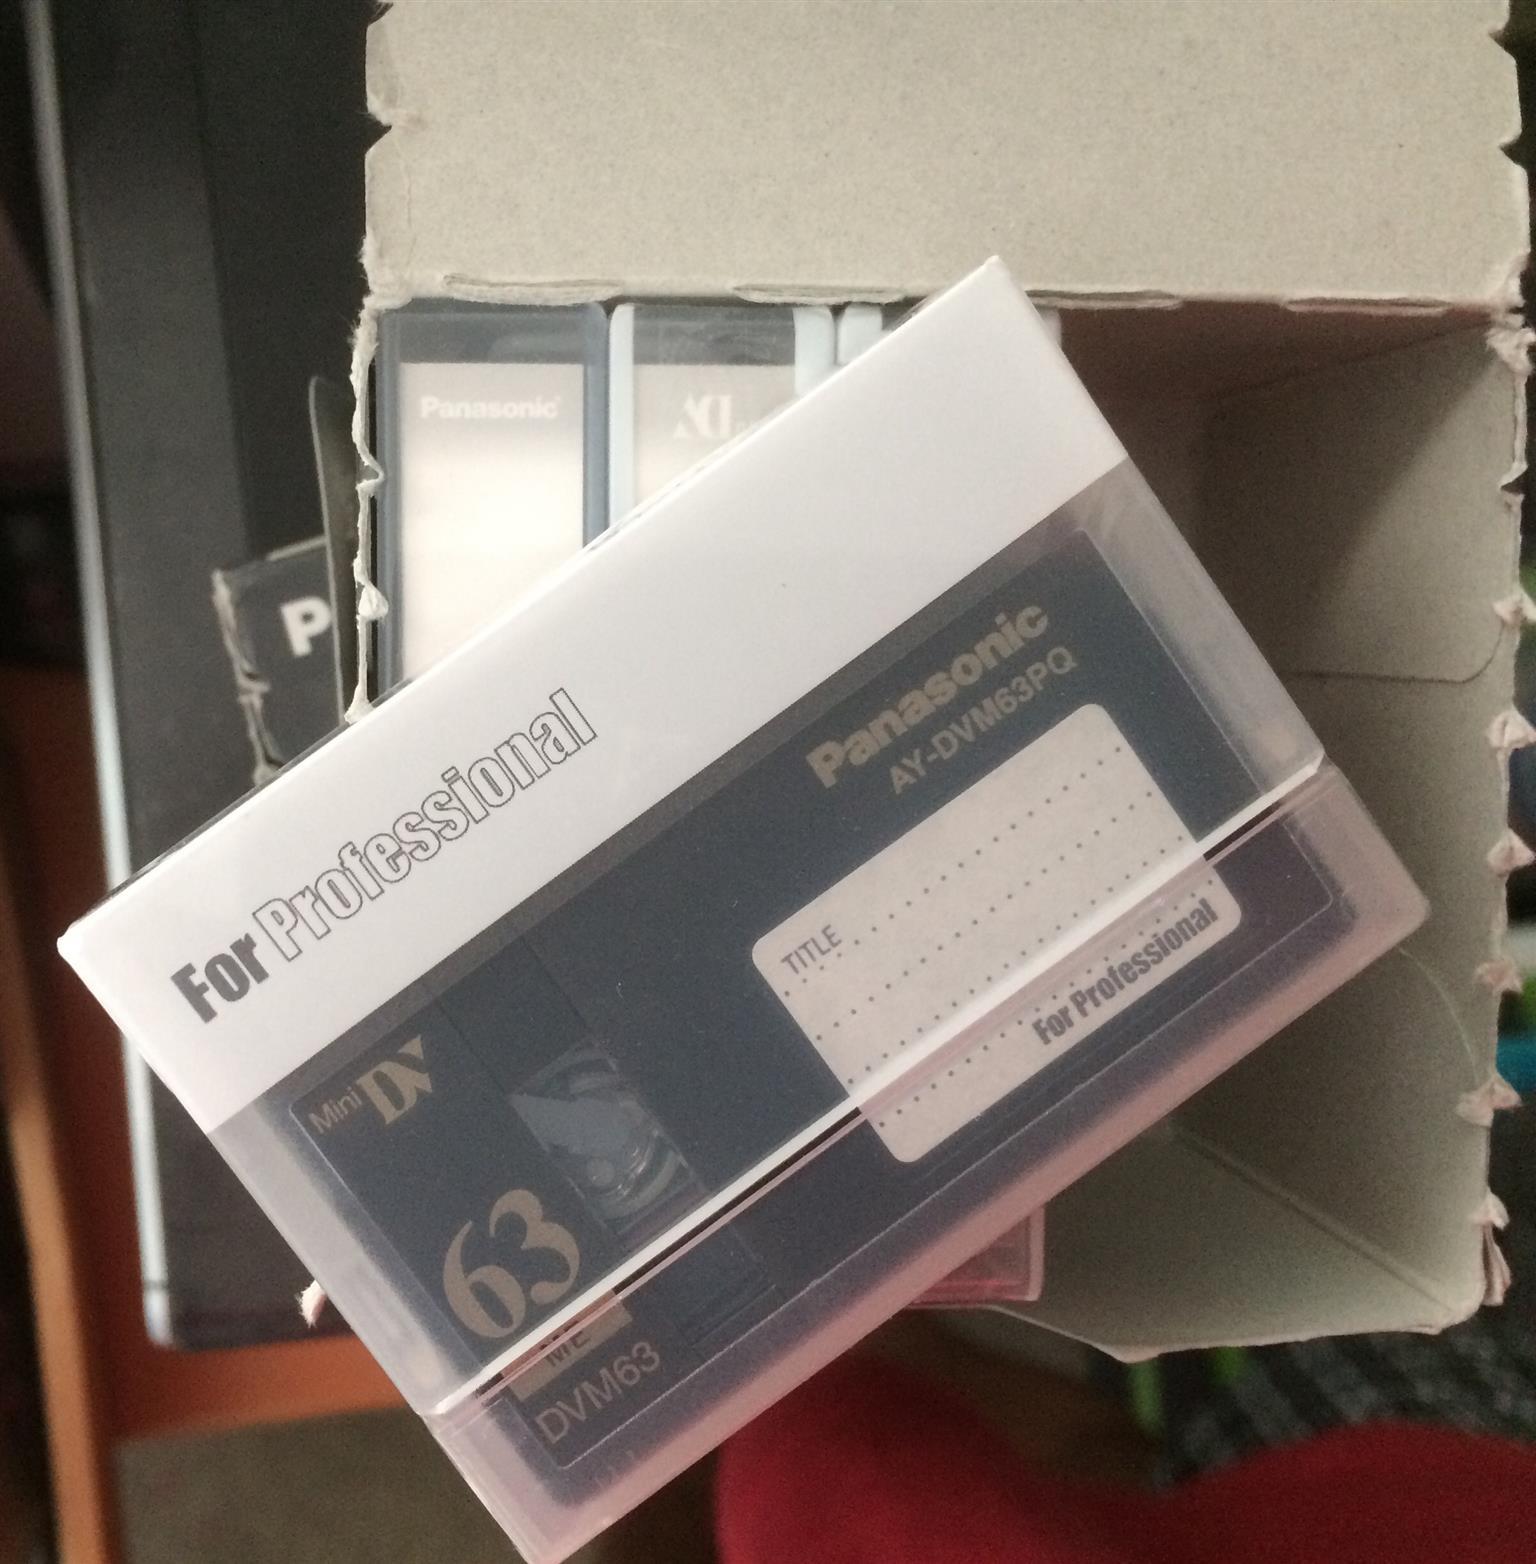 Panasonic DV Cassettes